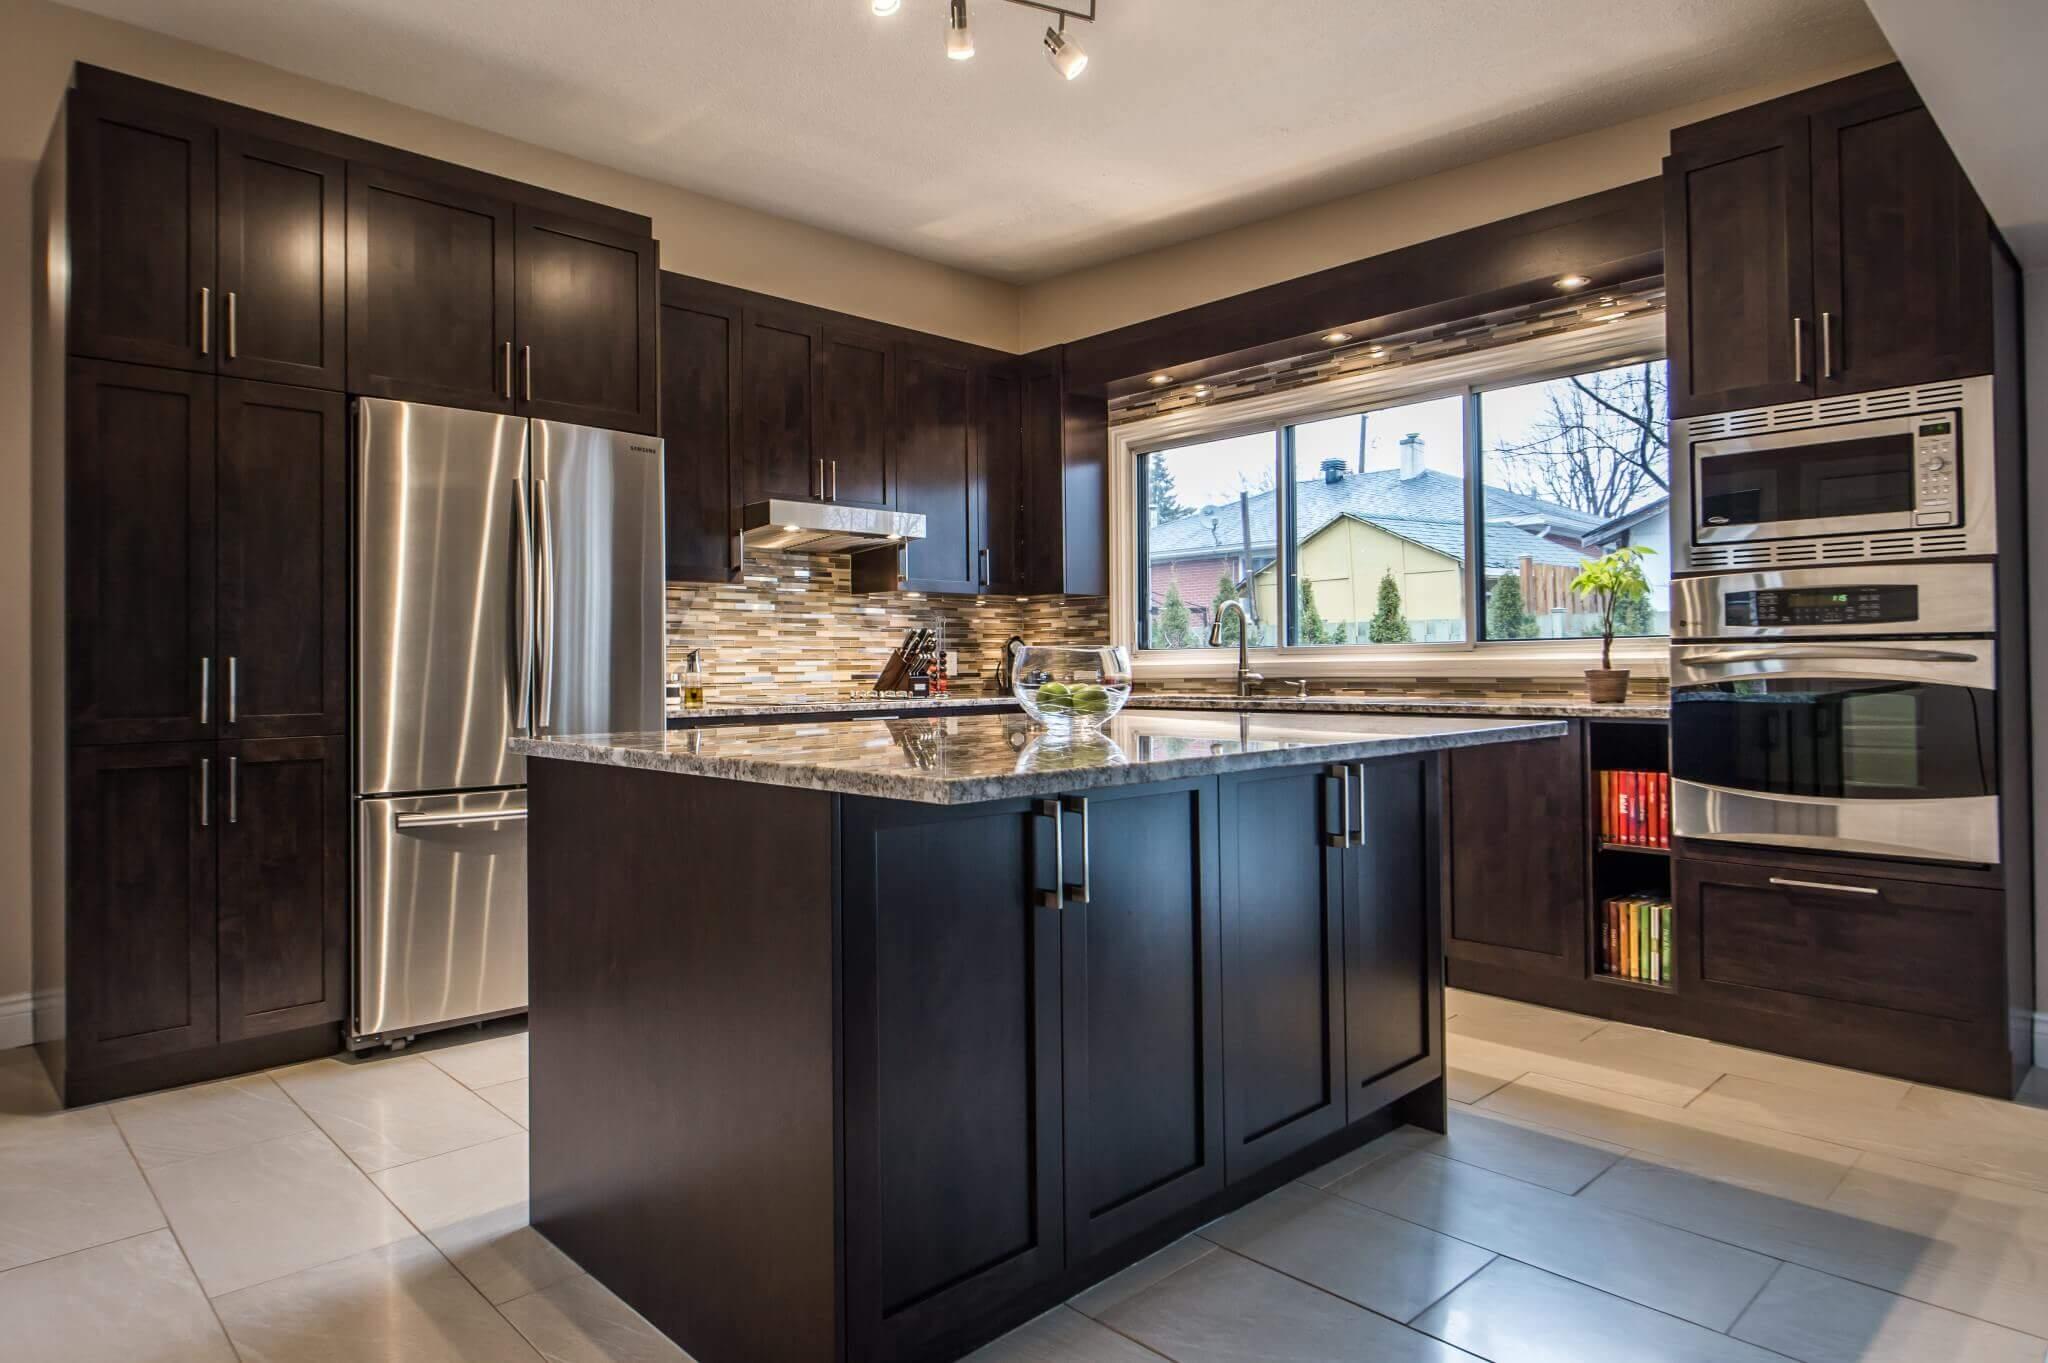 Armoires de cuisine projet r no assistance famille konidas - Teindre armoire de cuisine ...